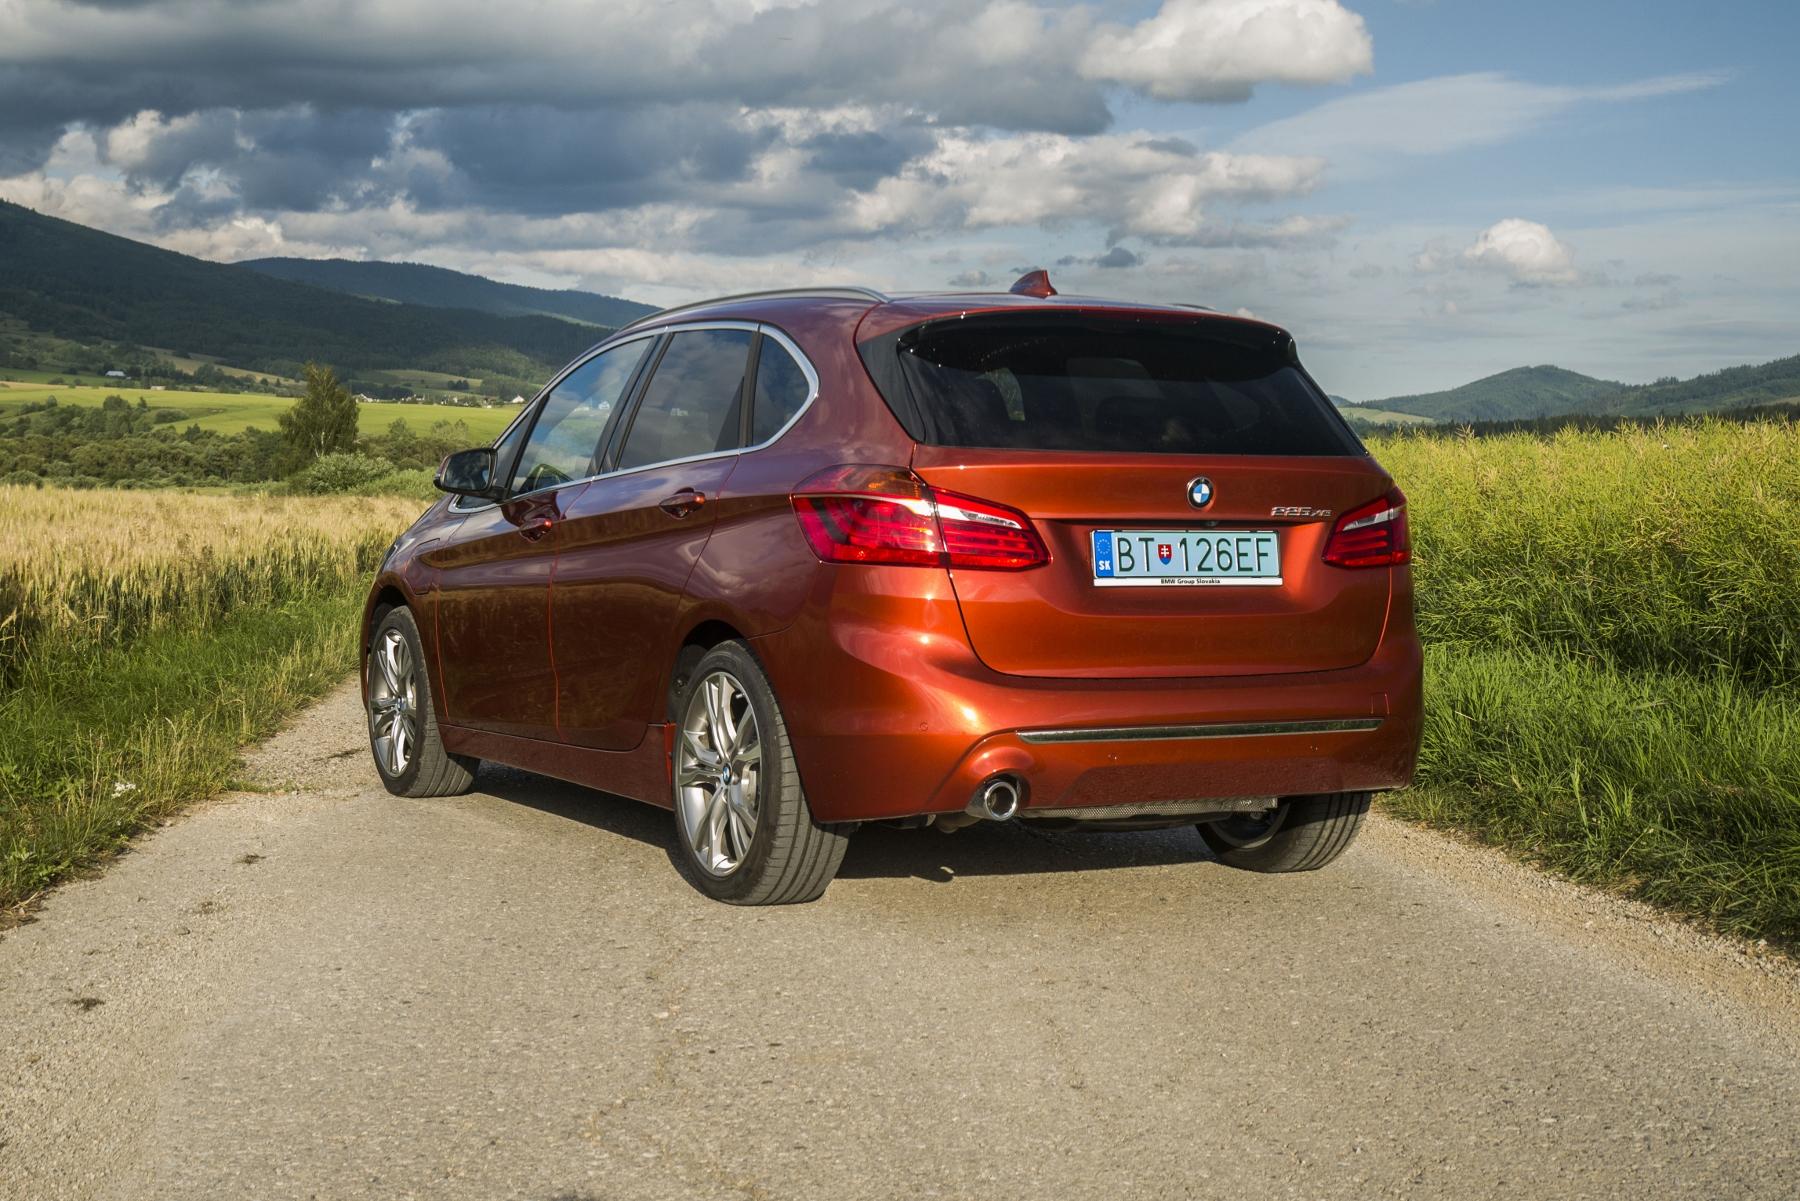 BMW 225 xe (8)